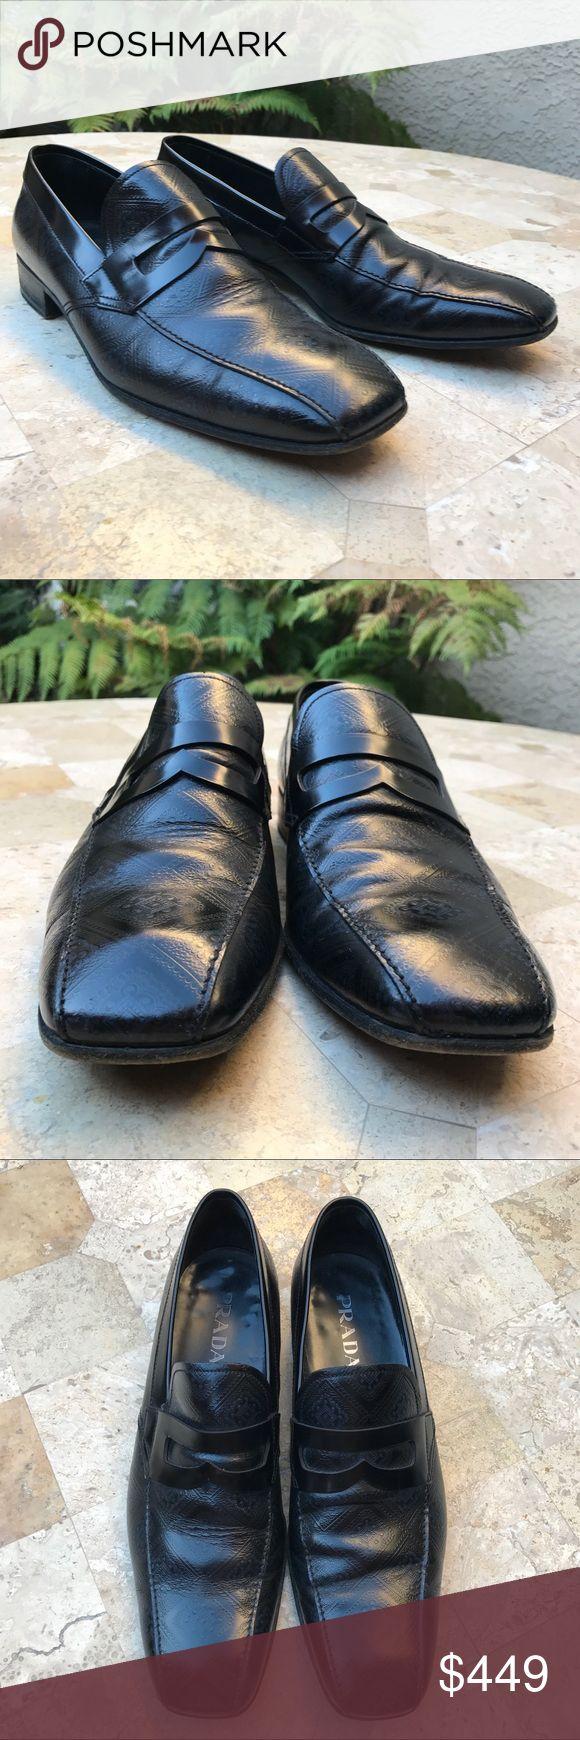 Men's Shoes Prada Black Leather Size US 11 Men's Shoes Prada Black Leather Size US 11 Prada Shoes Oxfords & Derbys